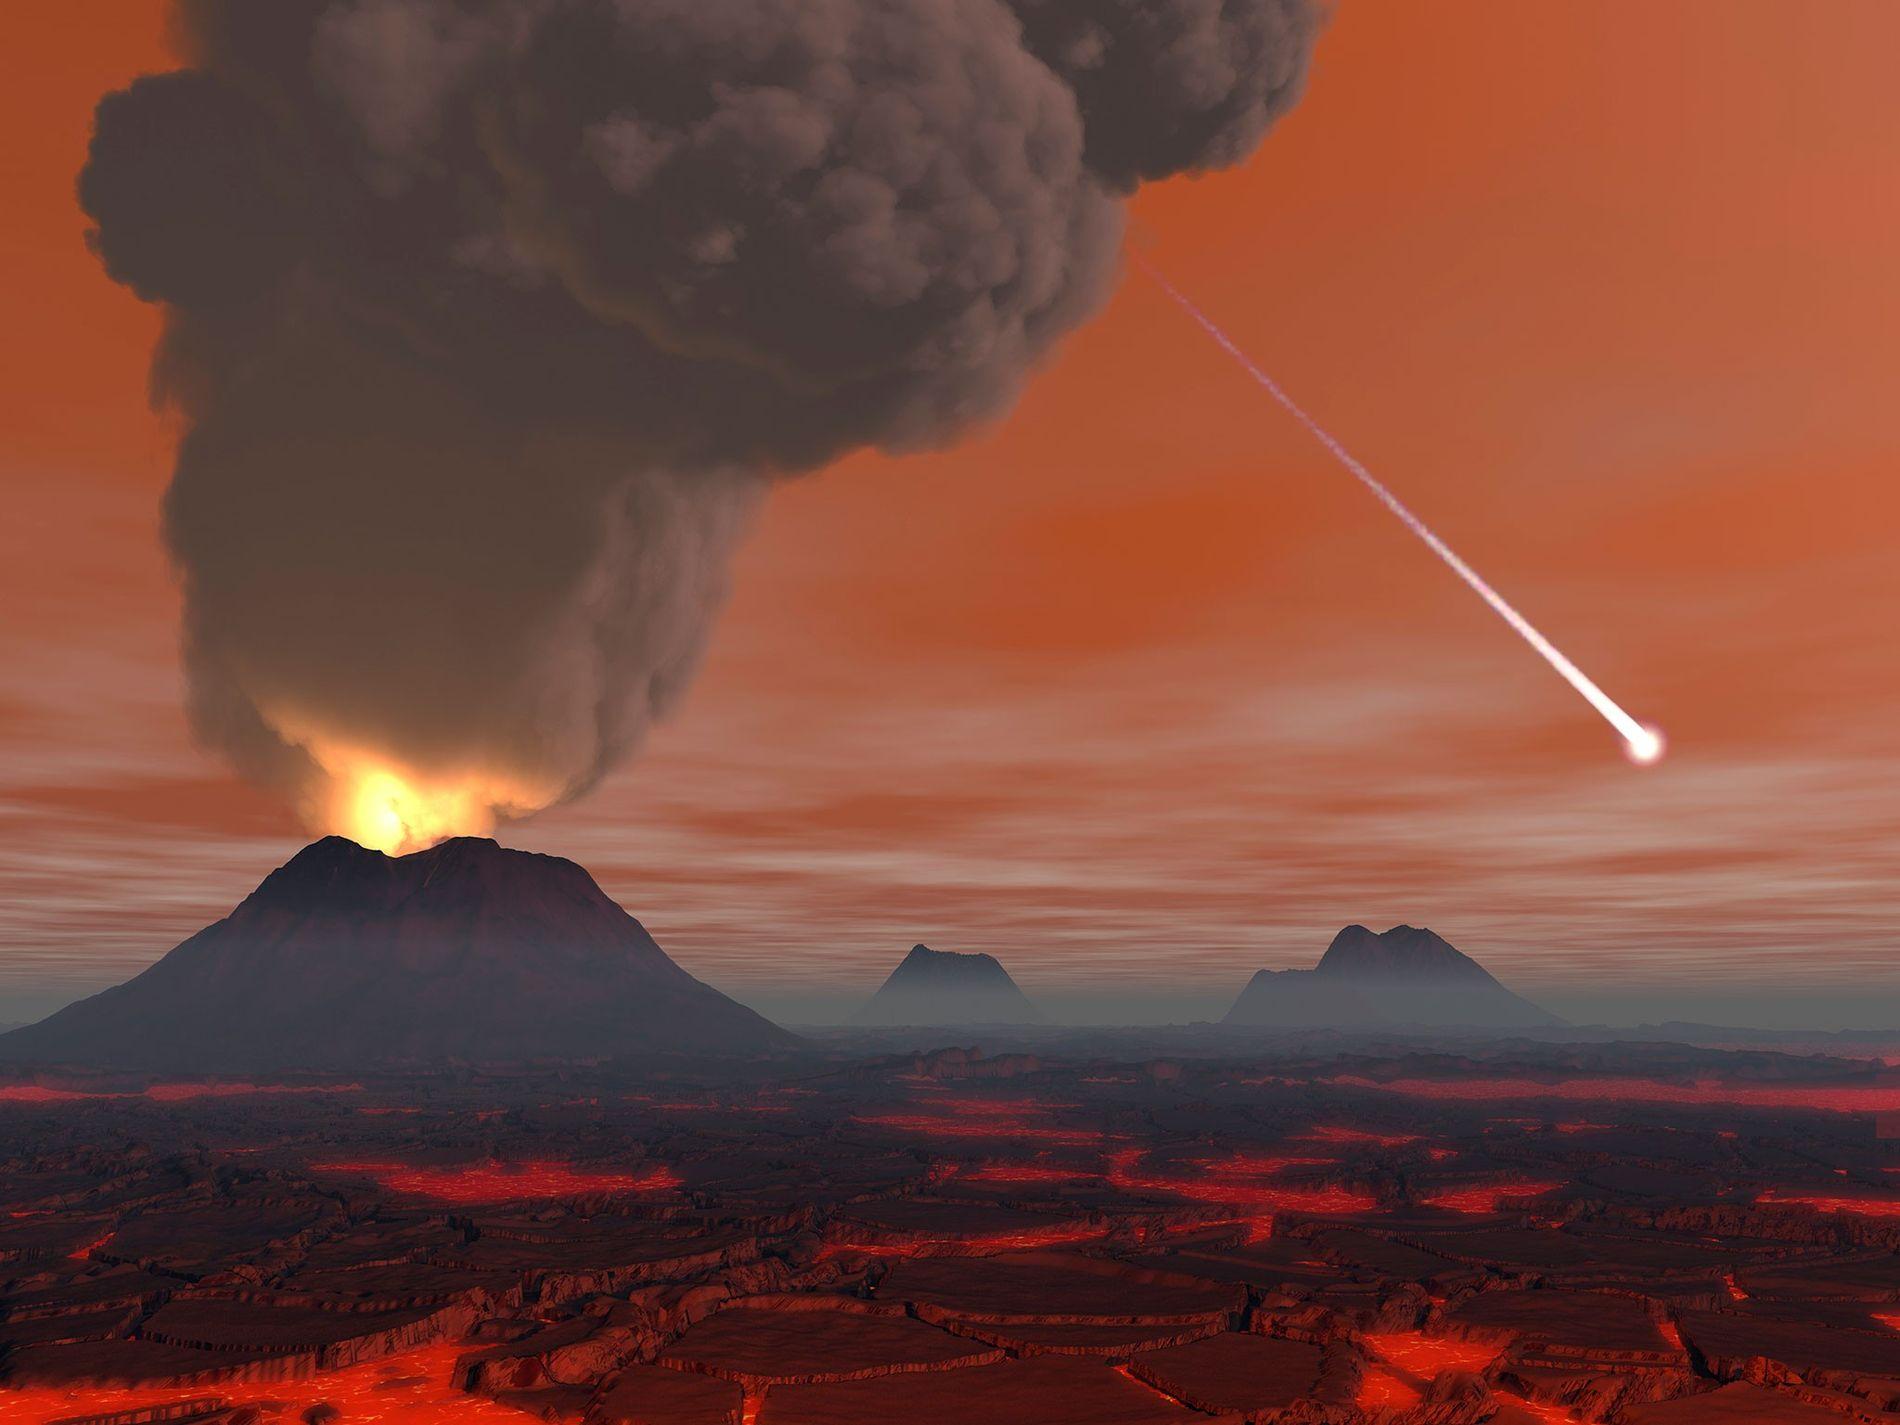 Científicos y artistas suelen imaginar los primeros años de la Tierra como un infierno dominado por volcanes y campos de lava. Pero en unos 200 millones de años, es probable que el paisaje se enfriara lo suficiente como para albergar agua sobre su superficie. Y la vida podría haber aparecido poco después.